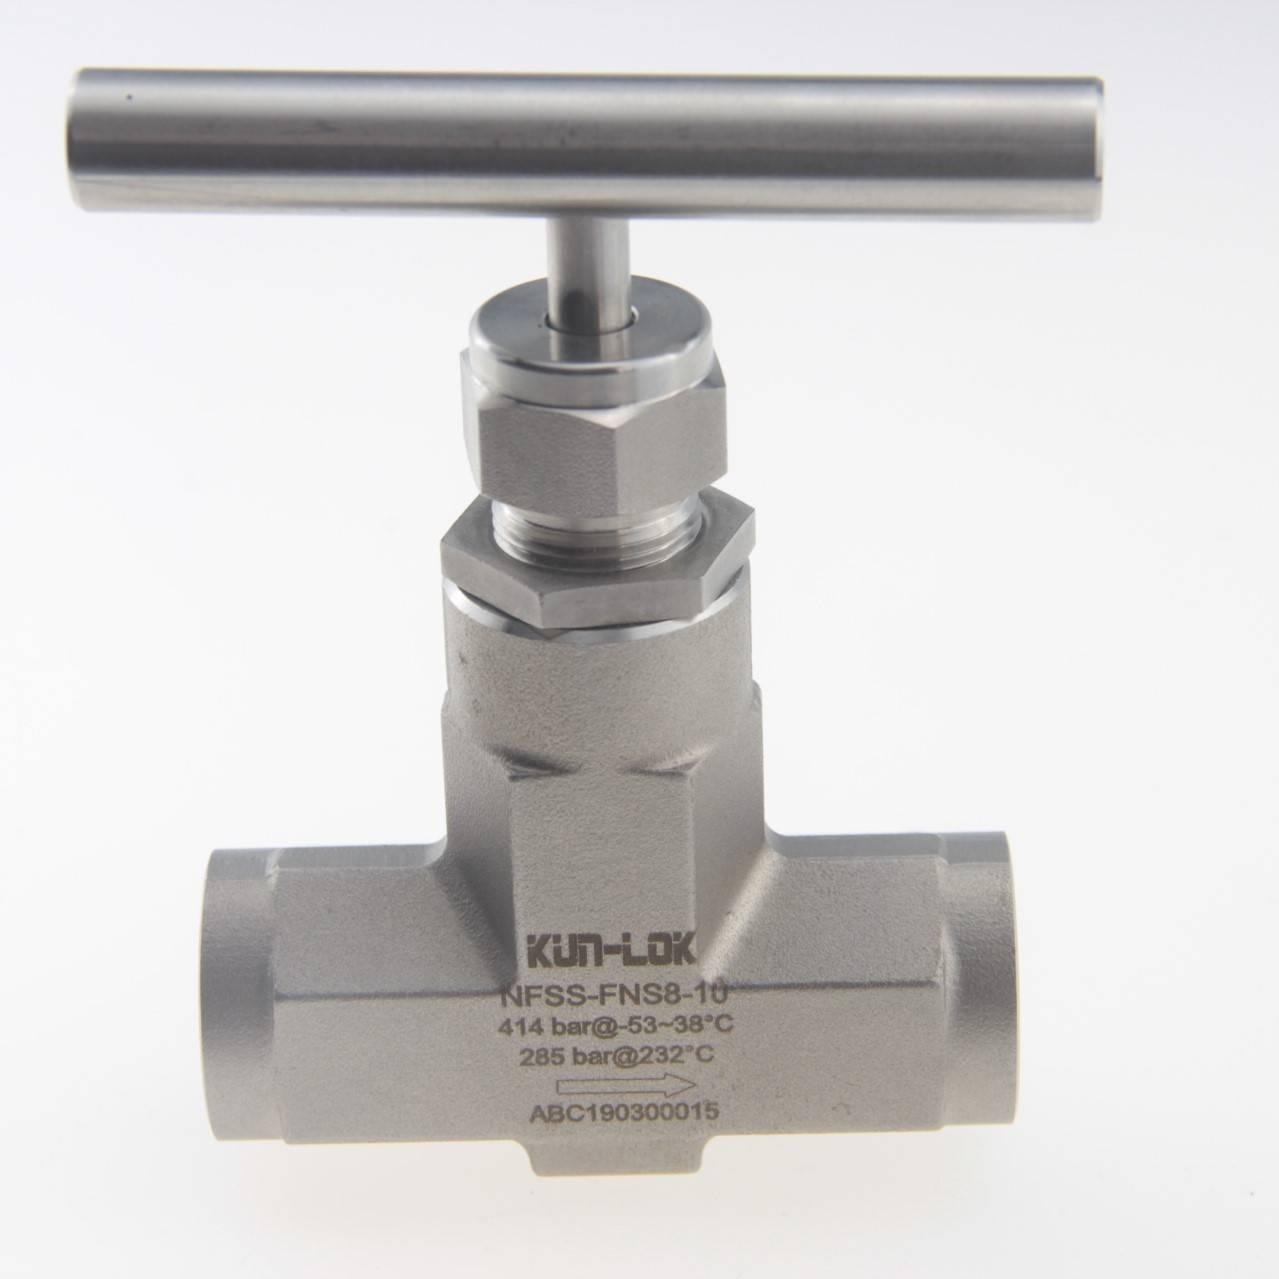 Типы трубопроводной арматуры и её конструктивные разновидности. задвижки, вентили, клапаны, краны, заслонки, регуляторы и их отличия.